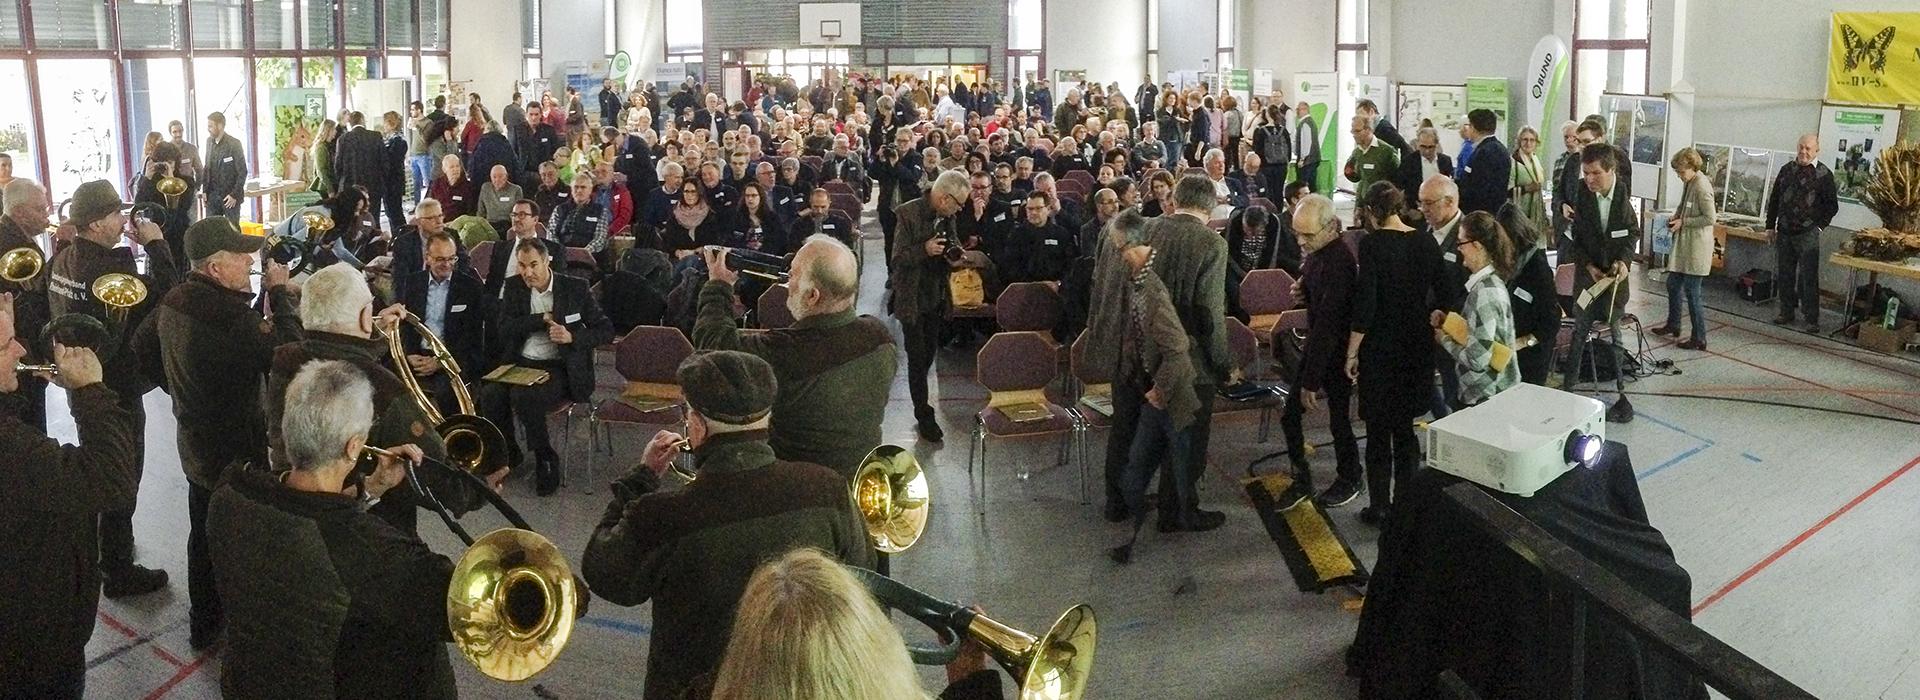 Veranstaltung der Stiftung in Hochstadt